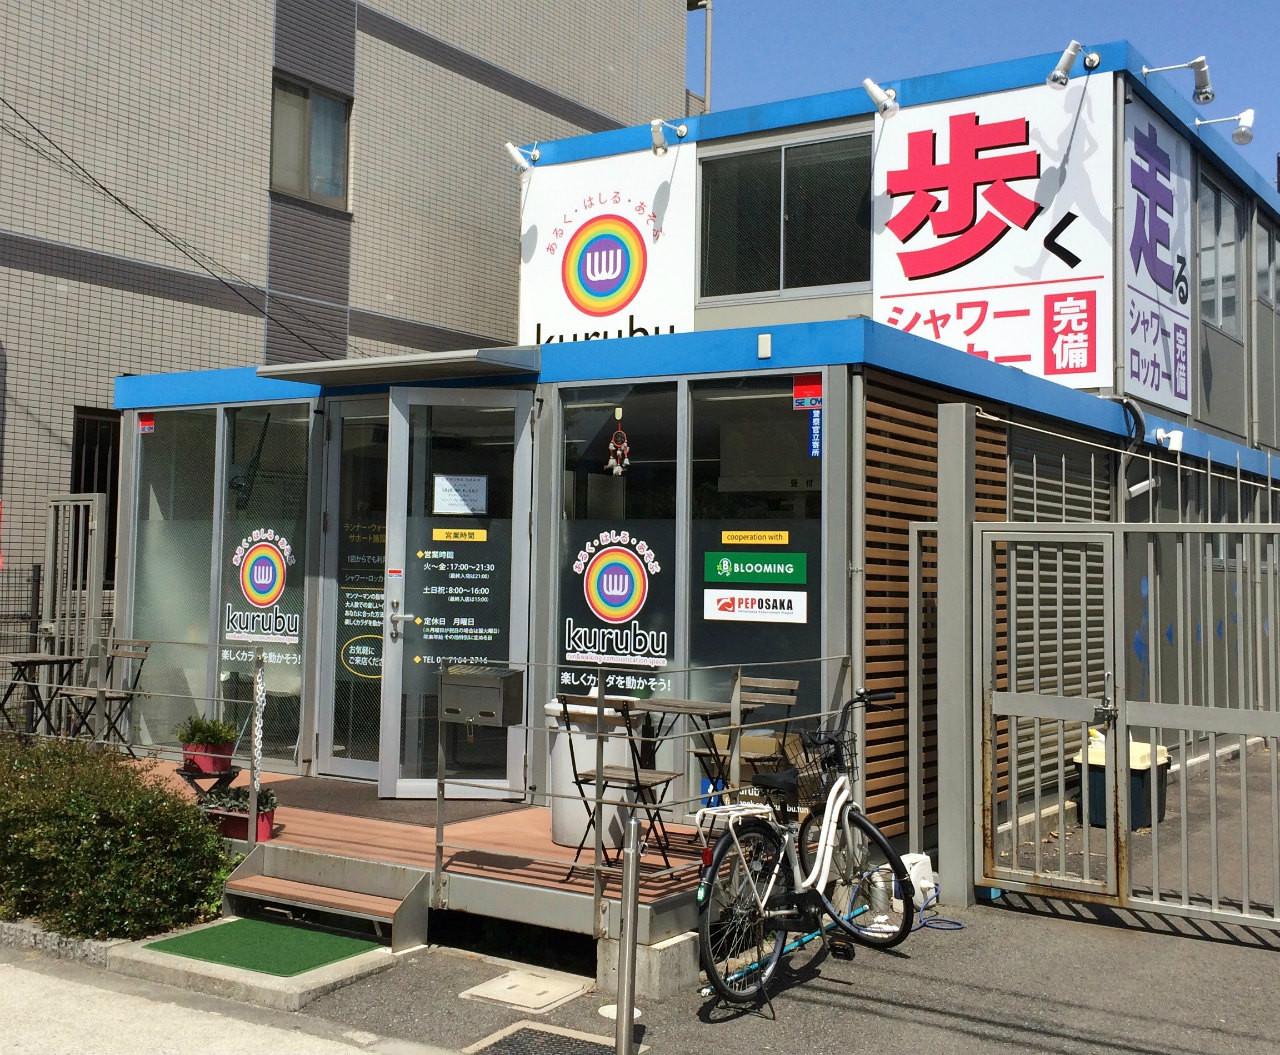 kurubu(クルブ) のアルバイト情報